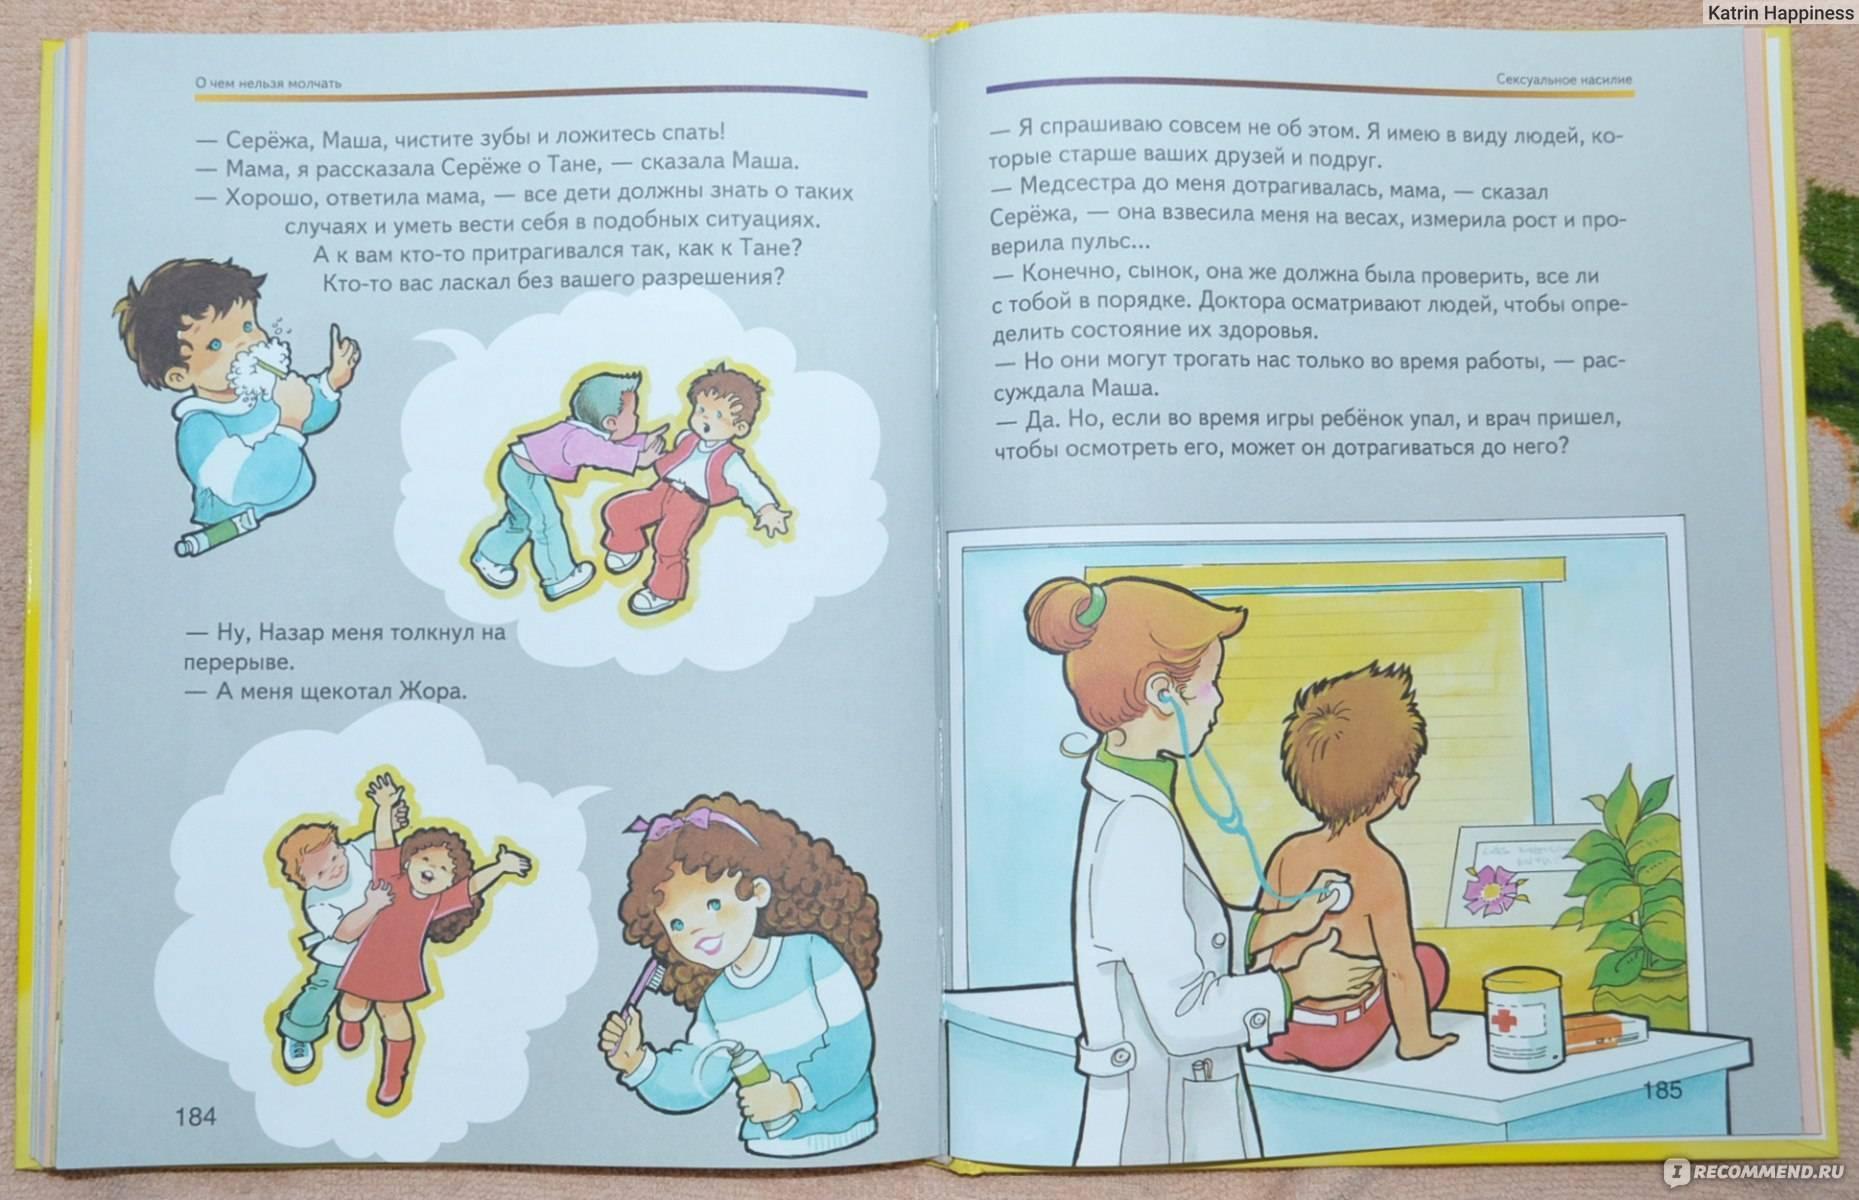 Понятно объяснить ребенку, откуда берутся дети